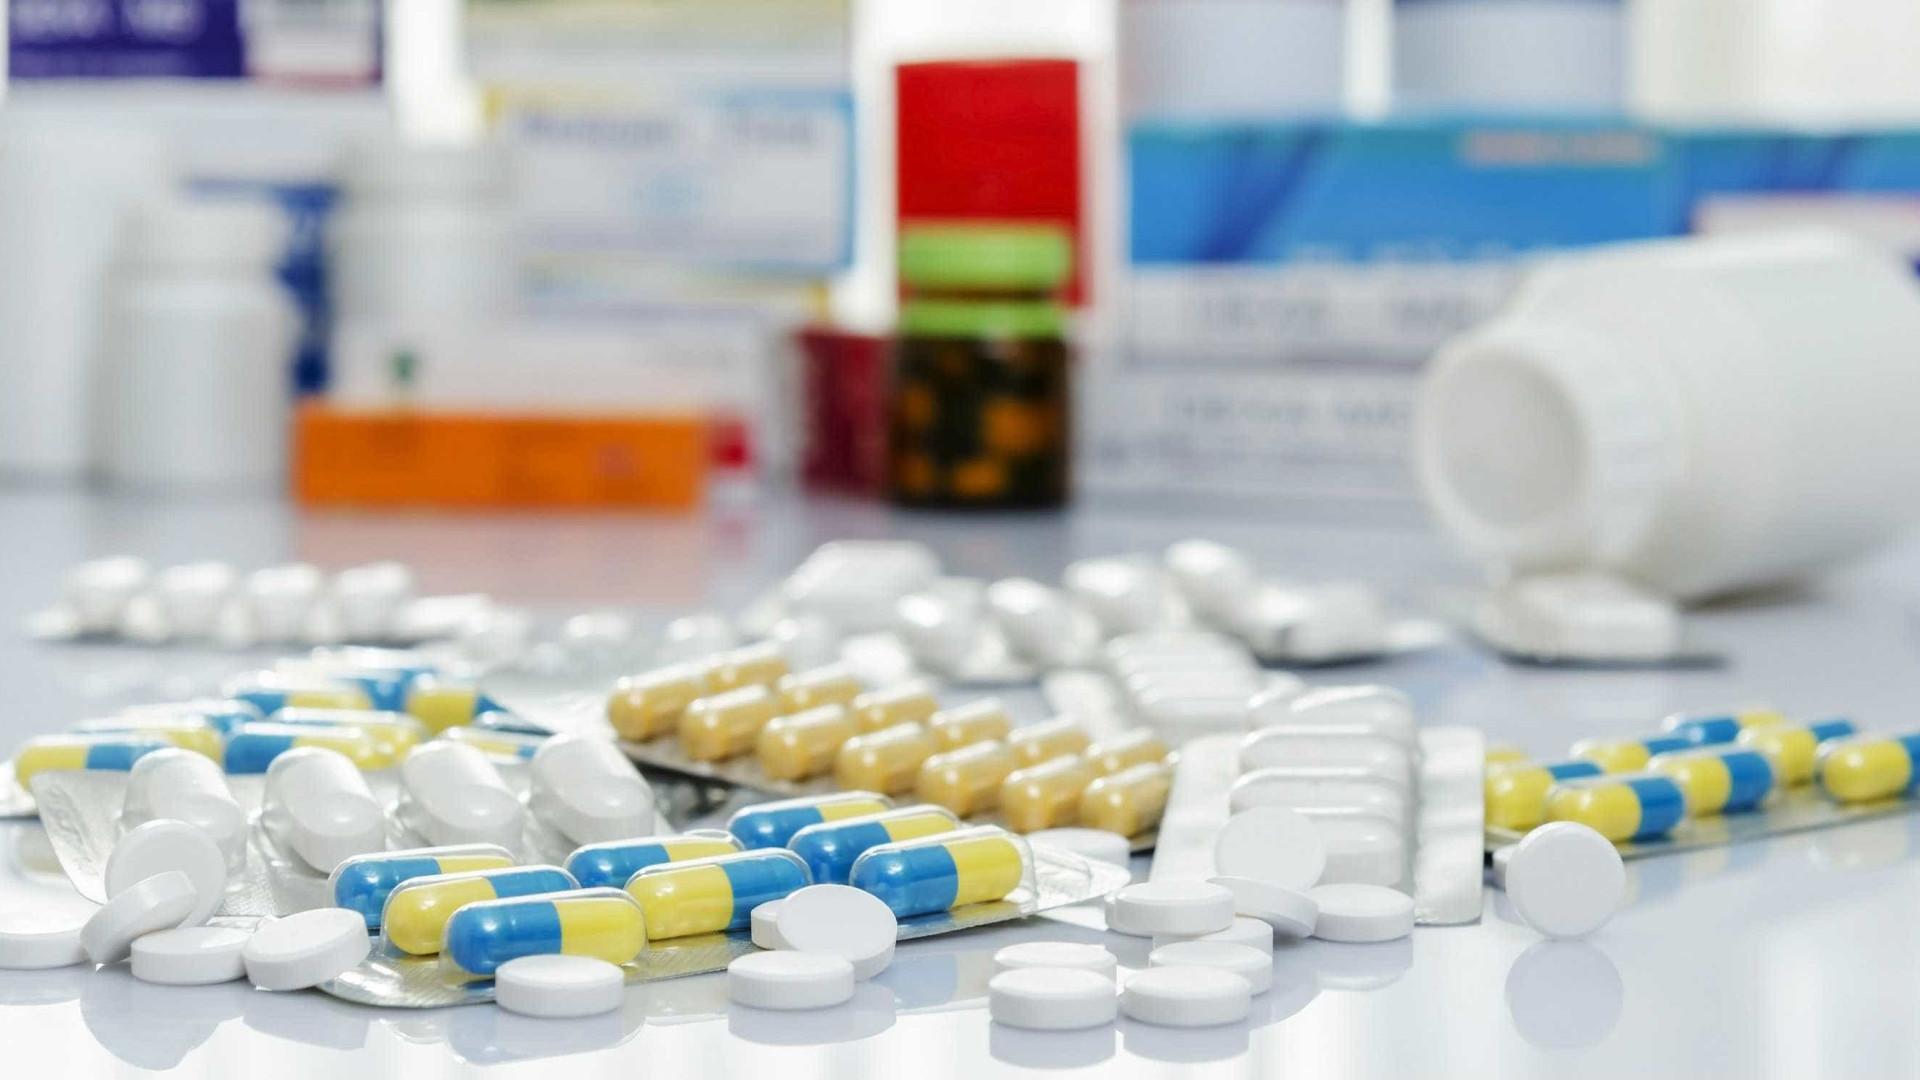 O que são remédios biológicos de referência e biossimilares?